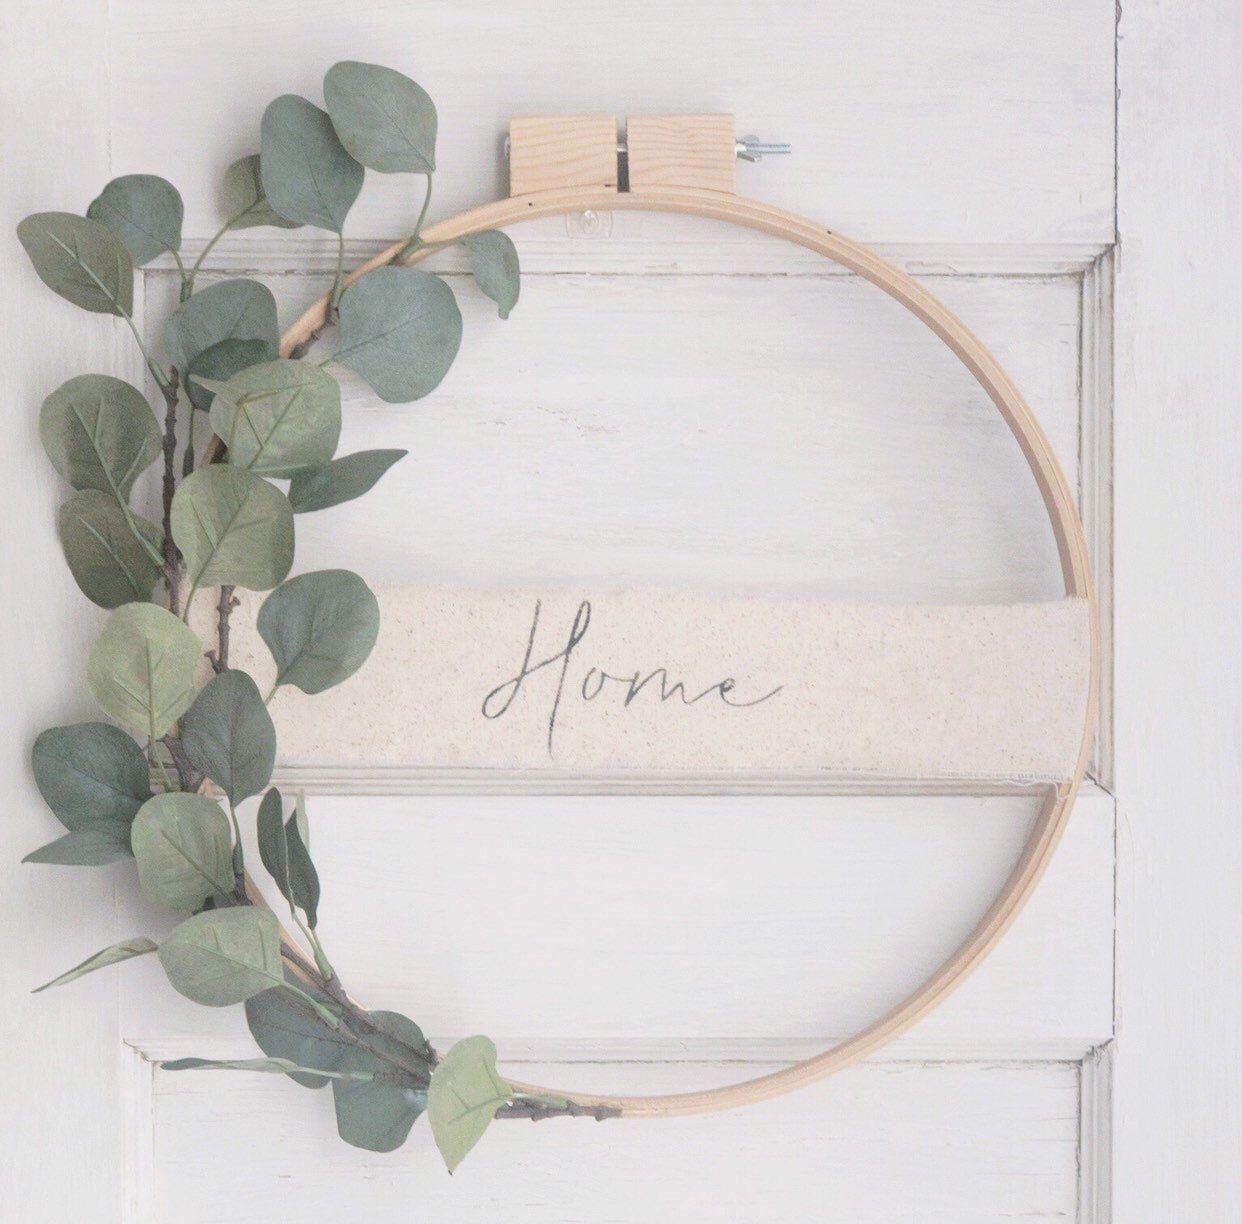 Eucalyptus Embroidery Hoop Wreath// Spring Wreath/